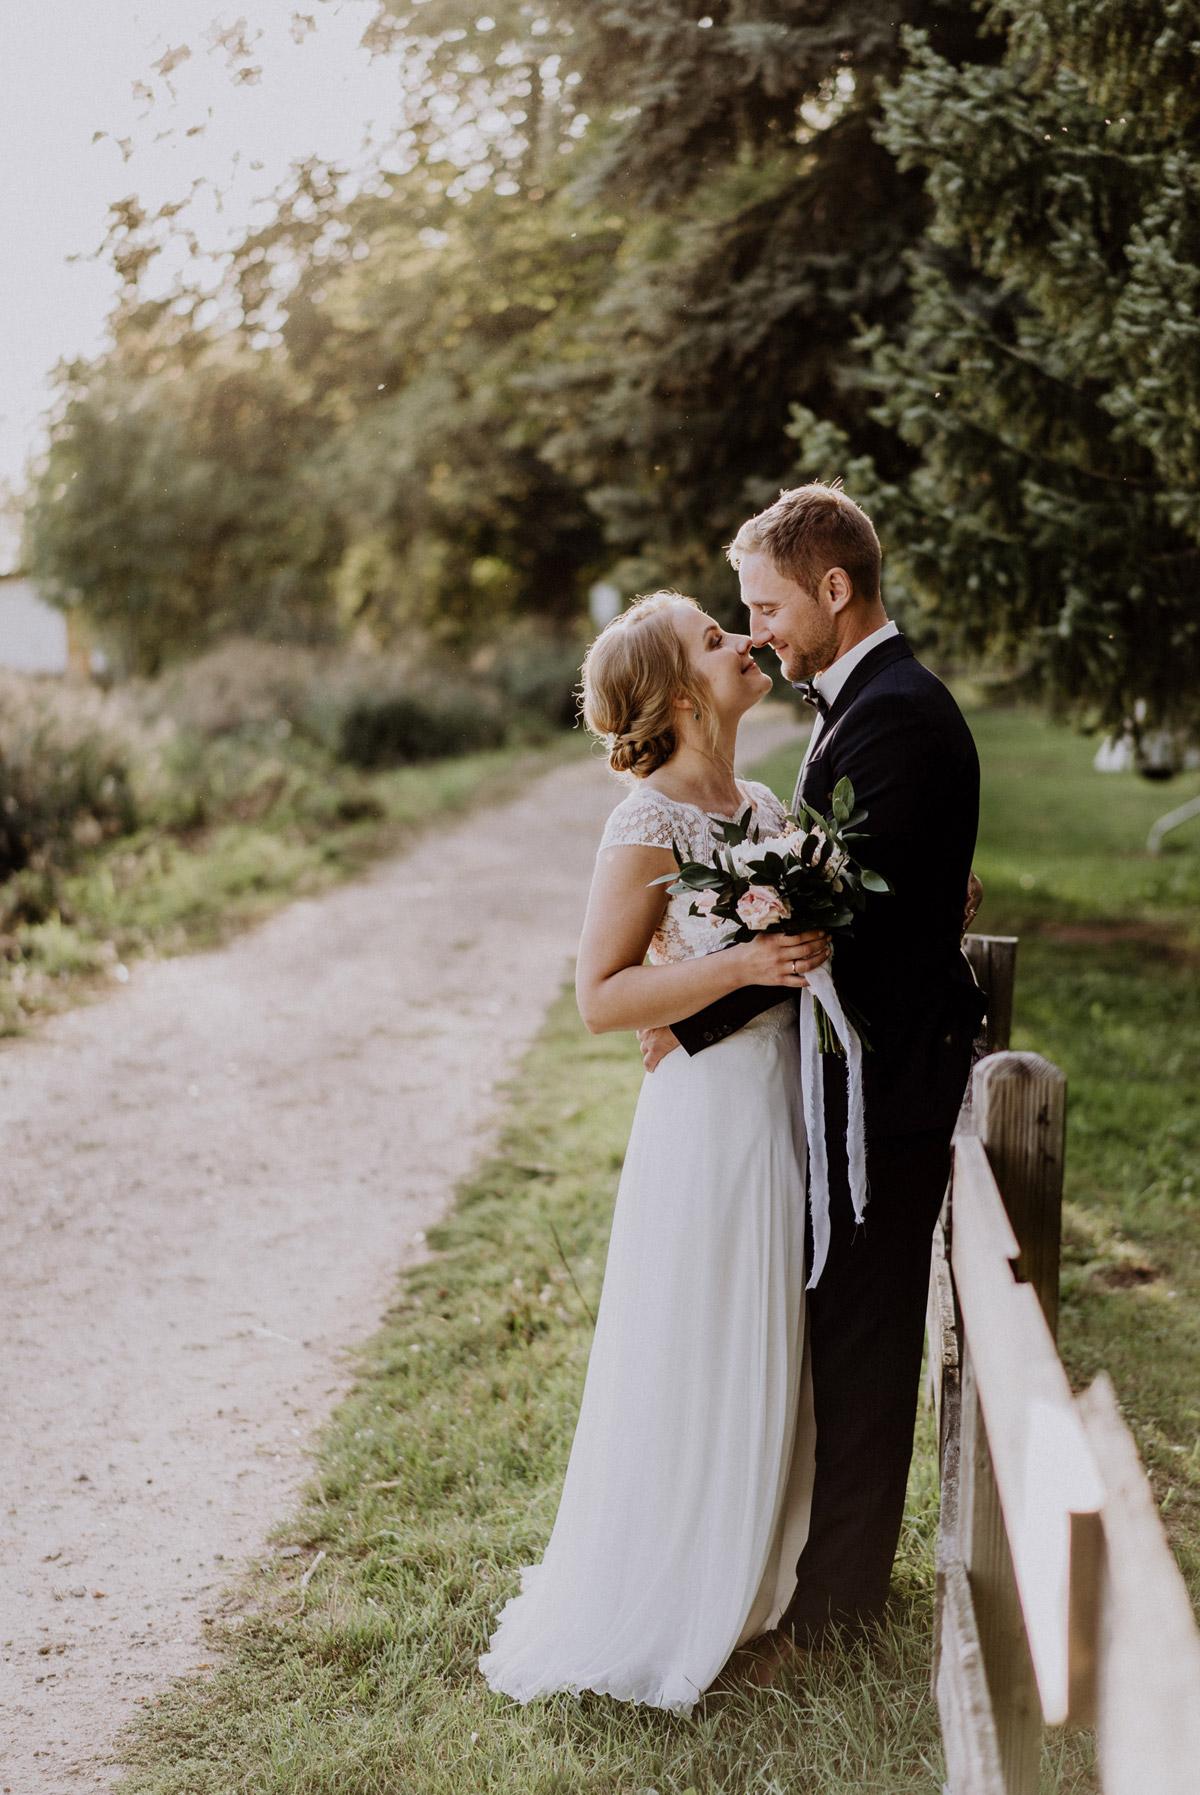 Hochzeitsbilder Ideen Paarfotos Nase an Nase am Zaun in Natur